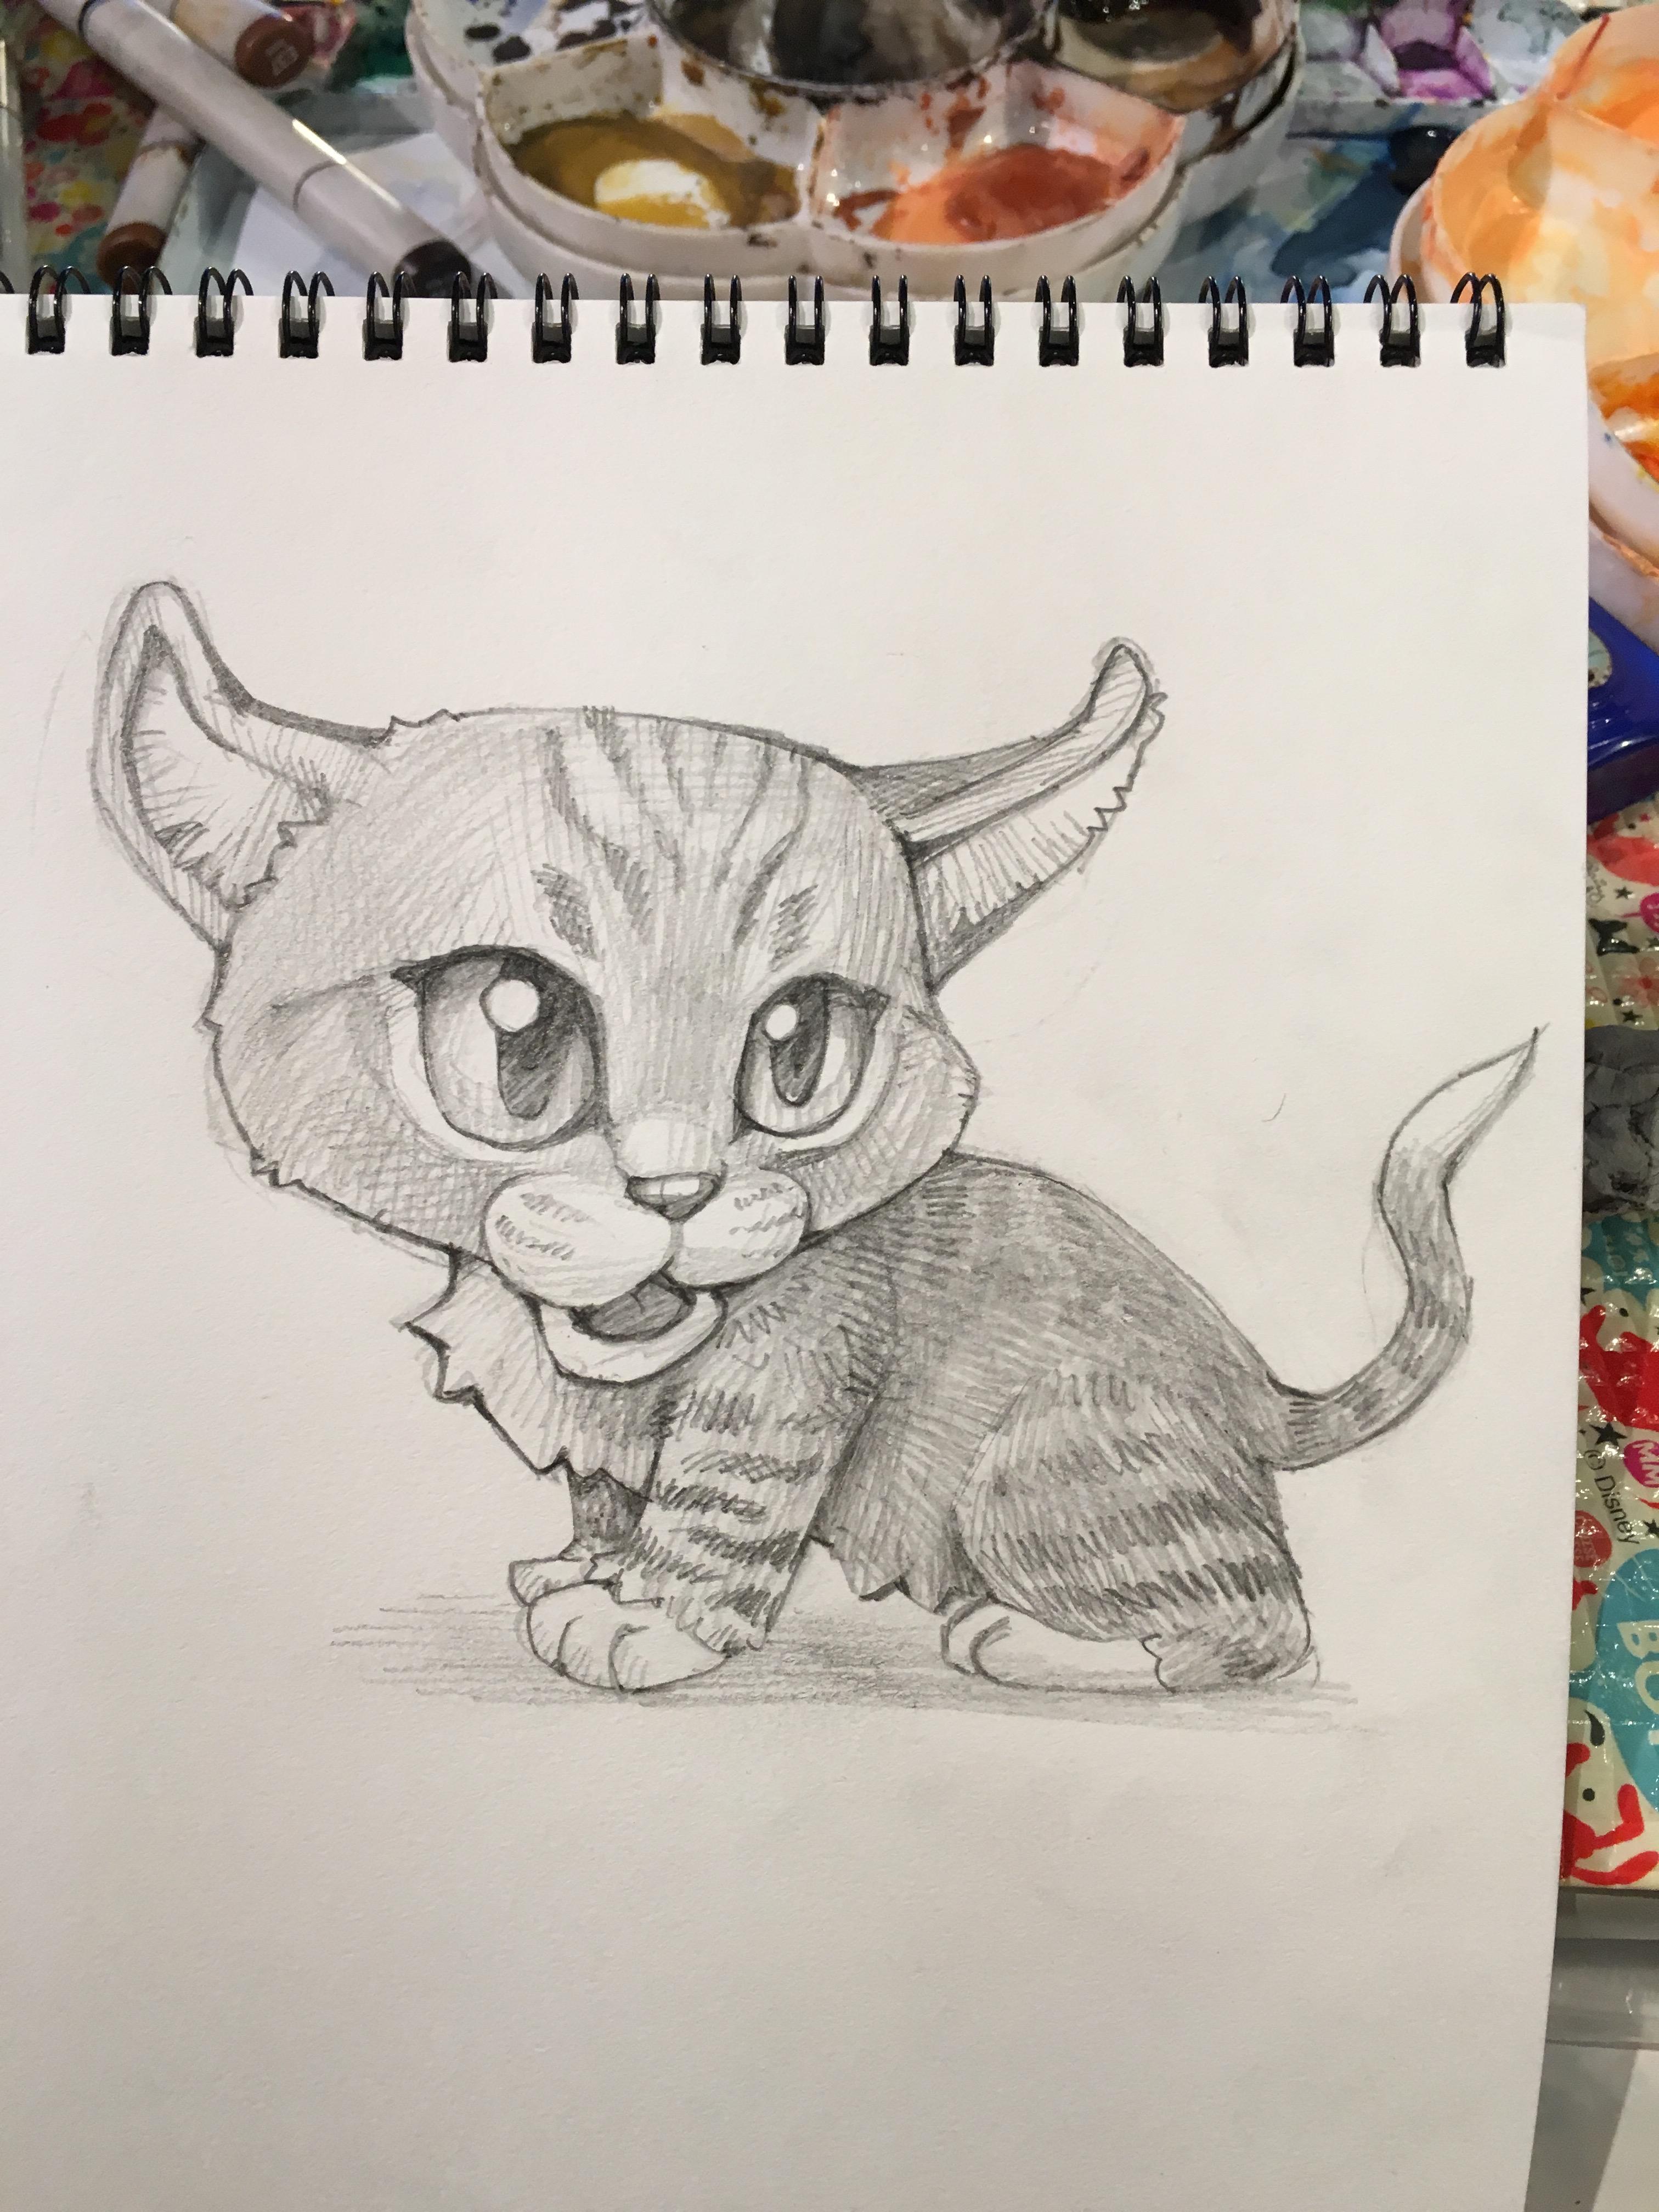 猫のペットの似顔絵の描き方。動物イラストの練習にはディズニーを参考に